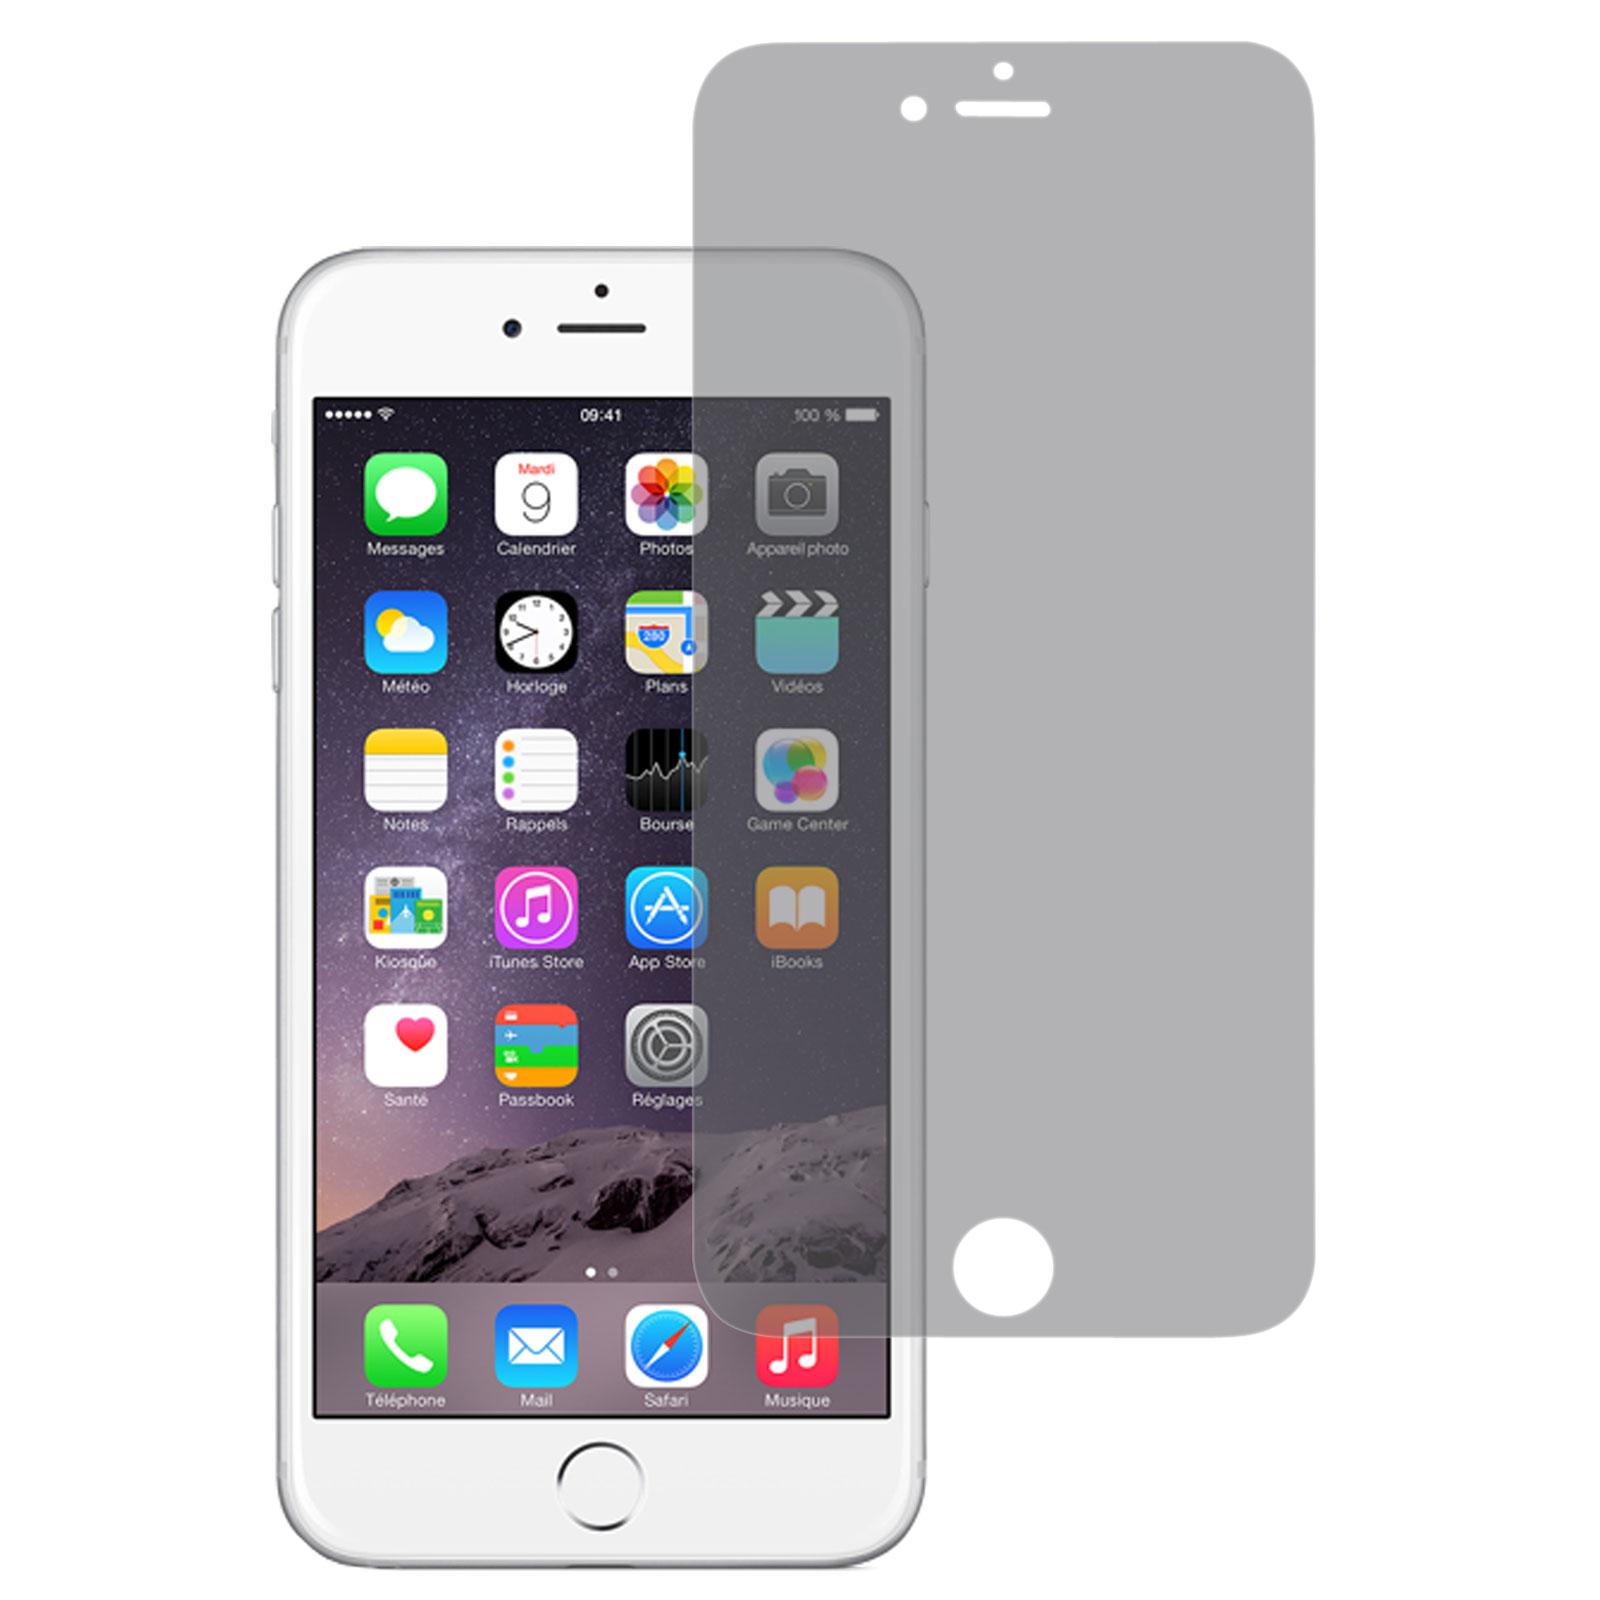 Film protecteur téléphone Swiss Charger SCP50212 Films protège écran Apple iPhone 6 Plus Films de protection anti-rayures pour iPhone 6 Plus